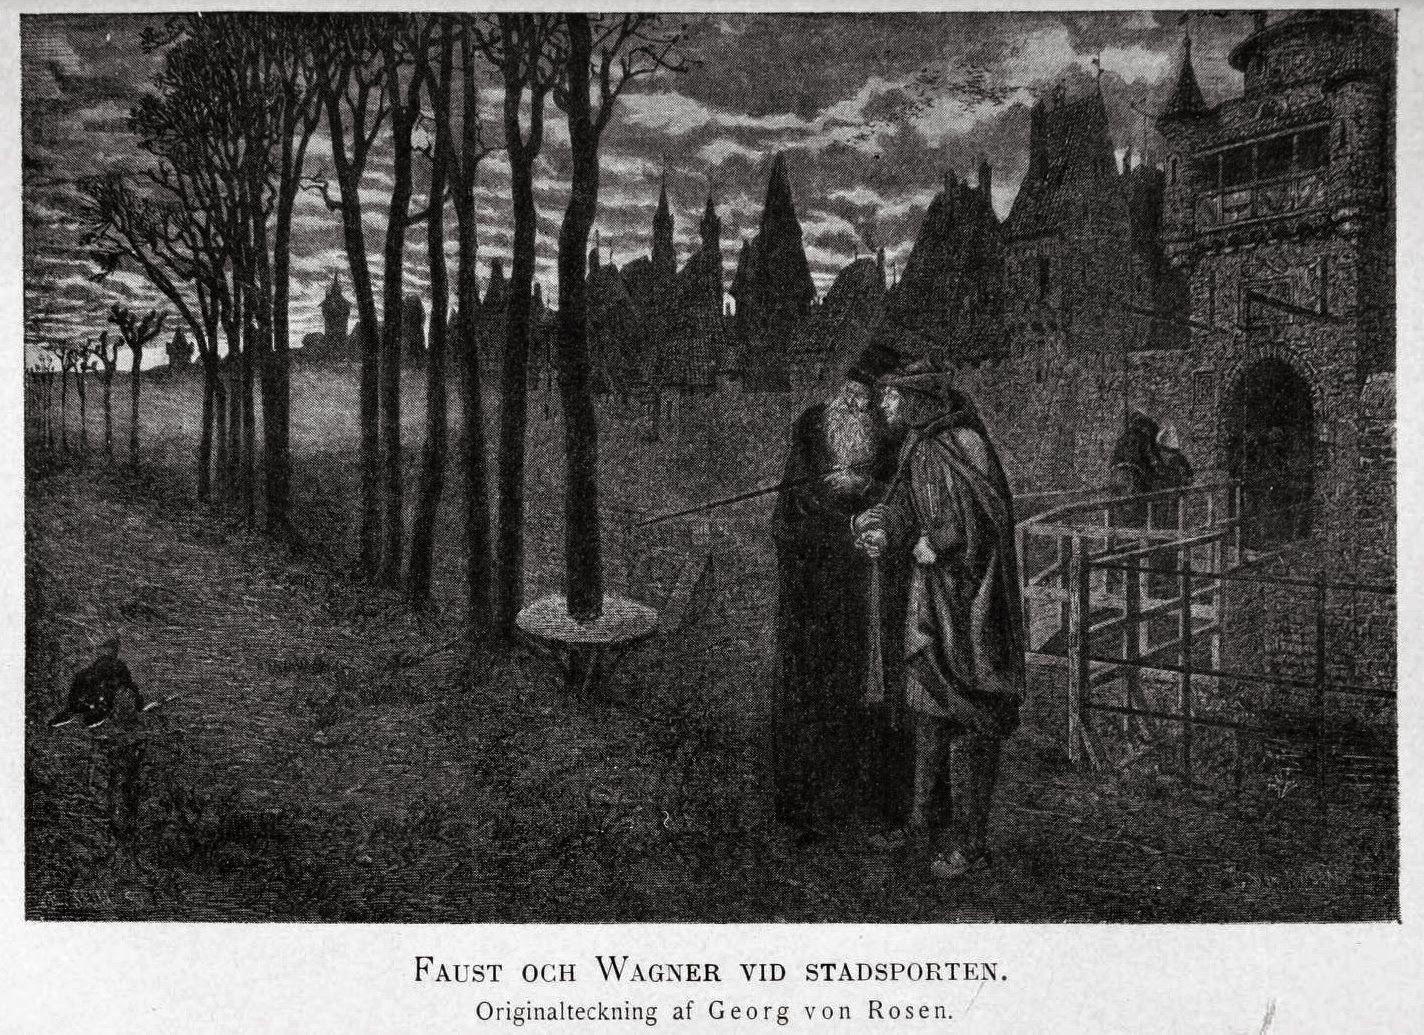 Viktor Rydberg översatte Goethes Faust i mitten av 1870-talet, något som bidrog till hans stora genombrott. (Ill. av Georg von Rosen.)